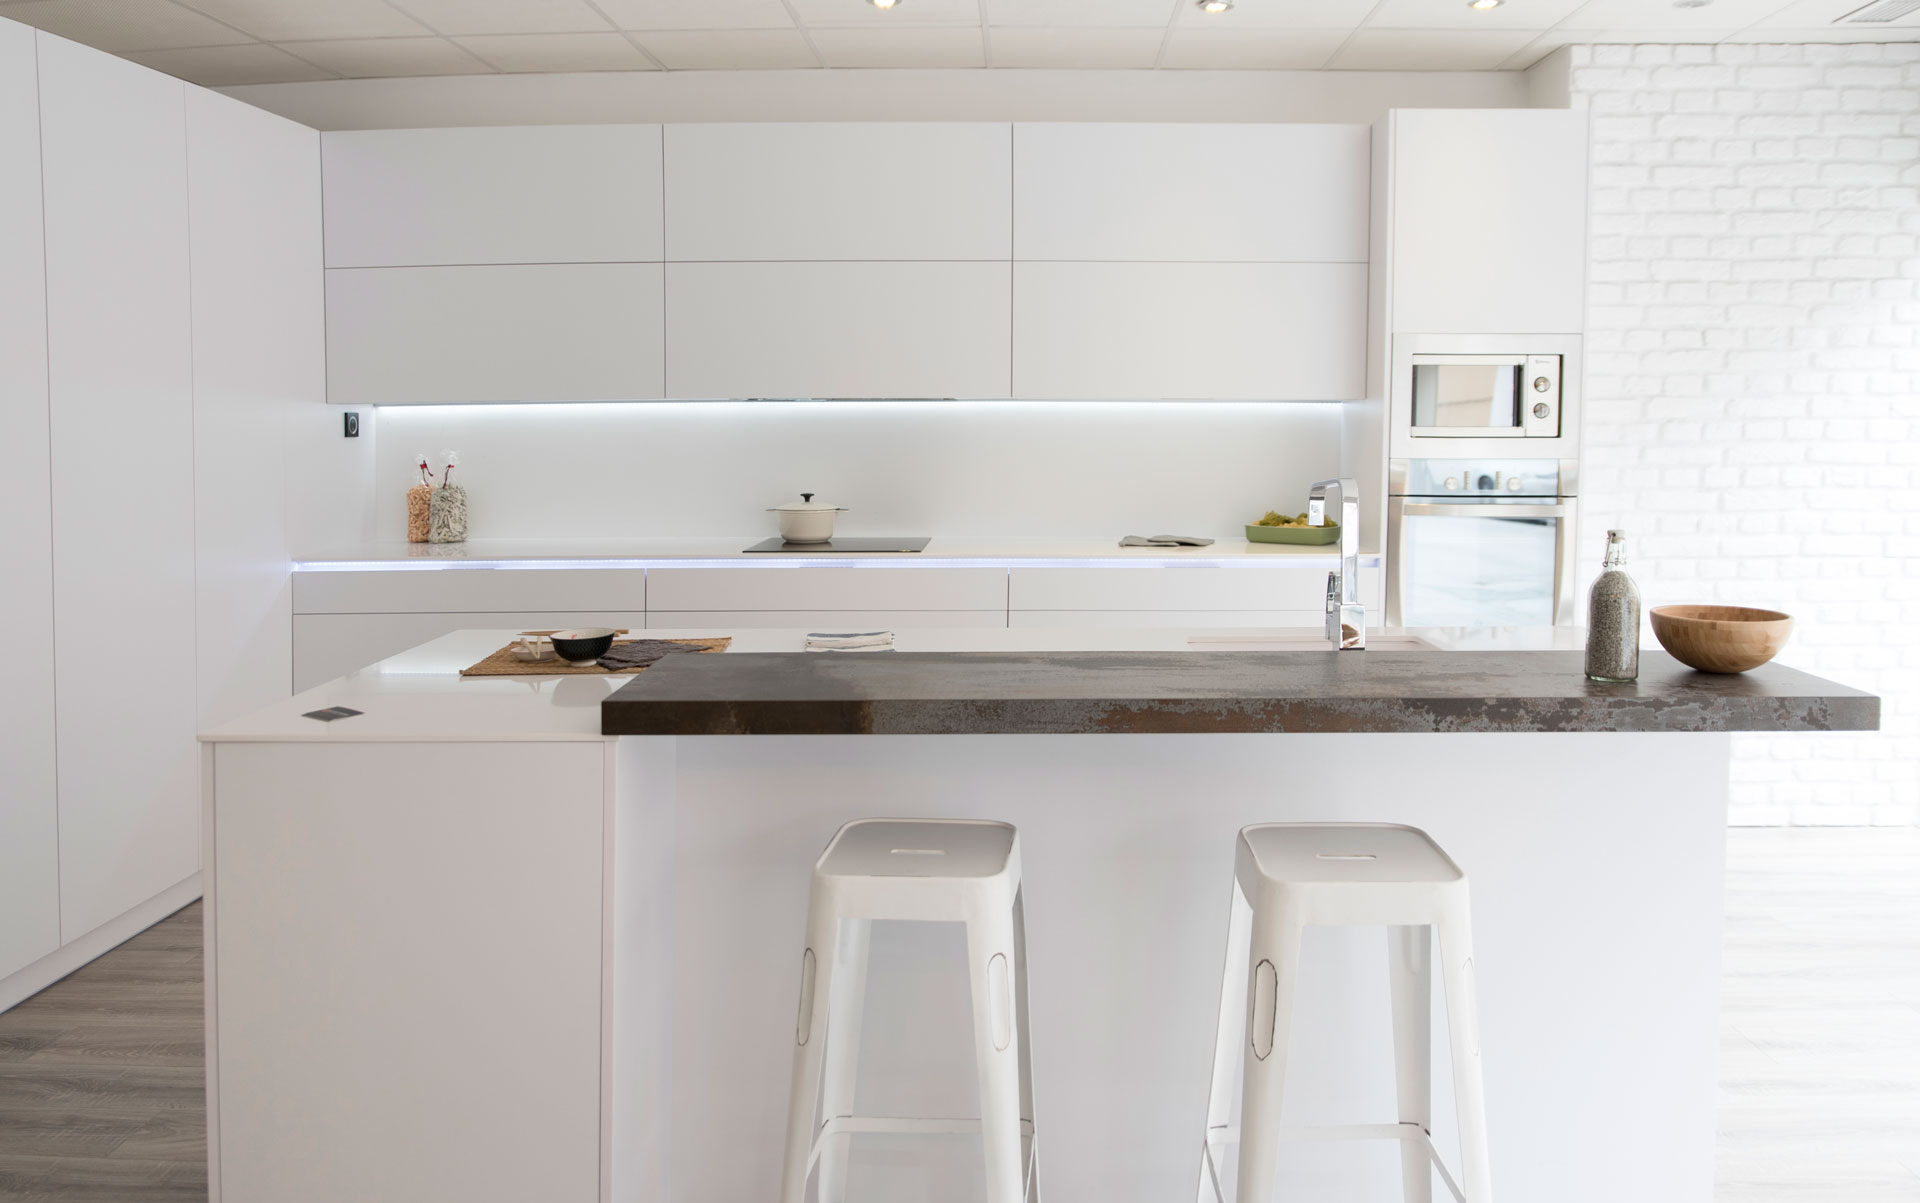 Muebles para la cocina sin tiradores - Arcomobel